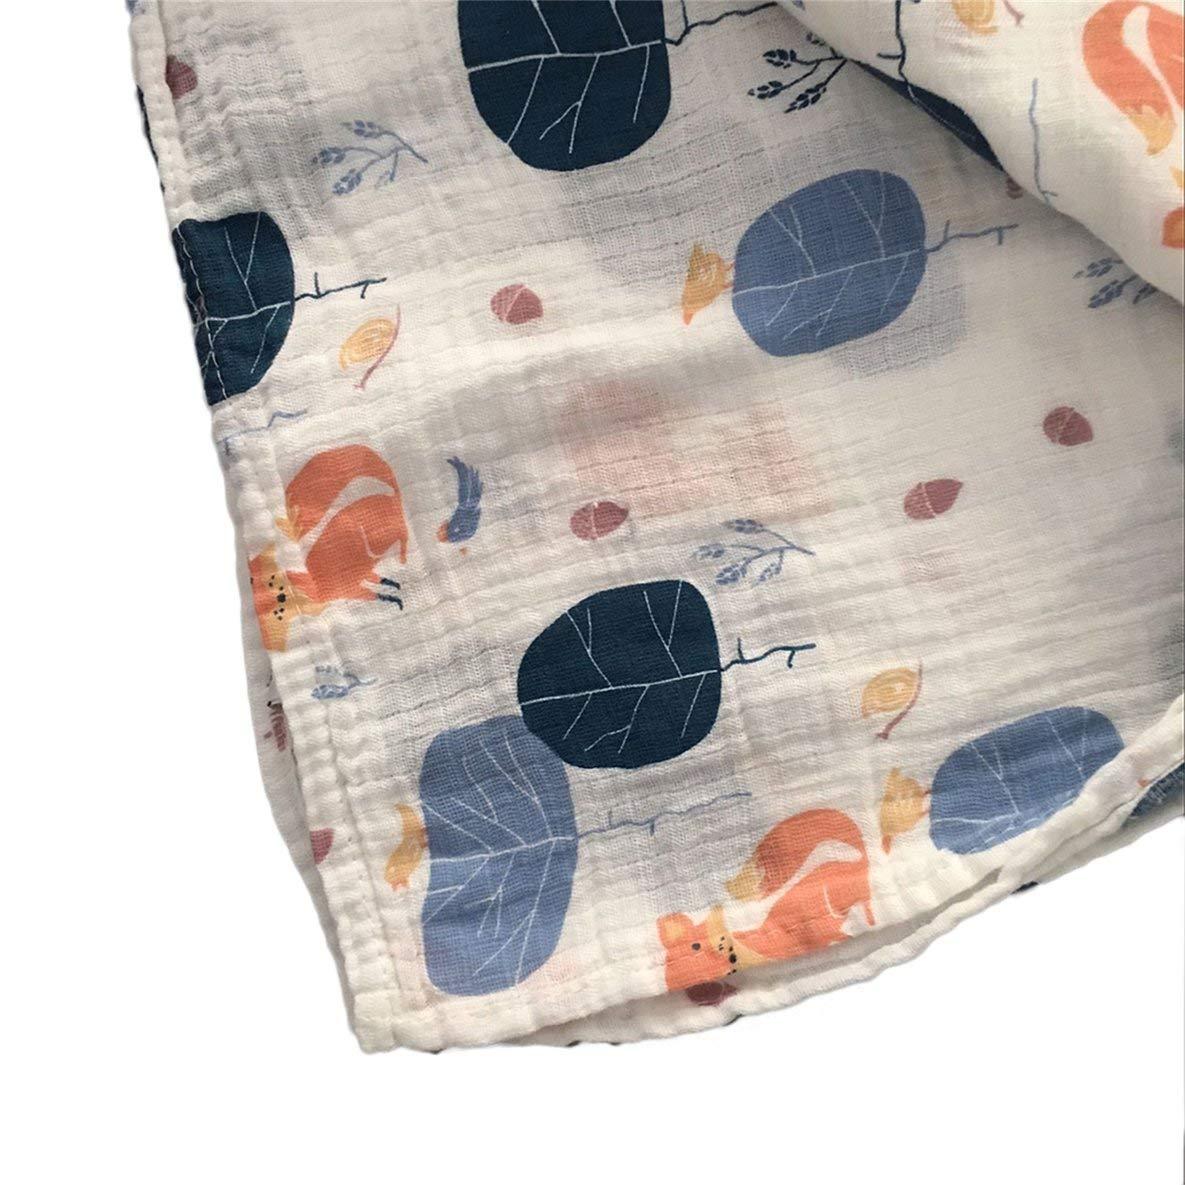 Noradtjcca 120x120cm Mussola Bambino fasciatoio Bambino fasciatoio Cotone 100/% Neonato Asciugamano da Bagno Swaddle Coperte Multi Disegni funzioni